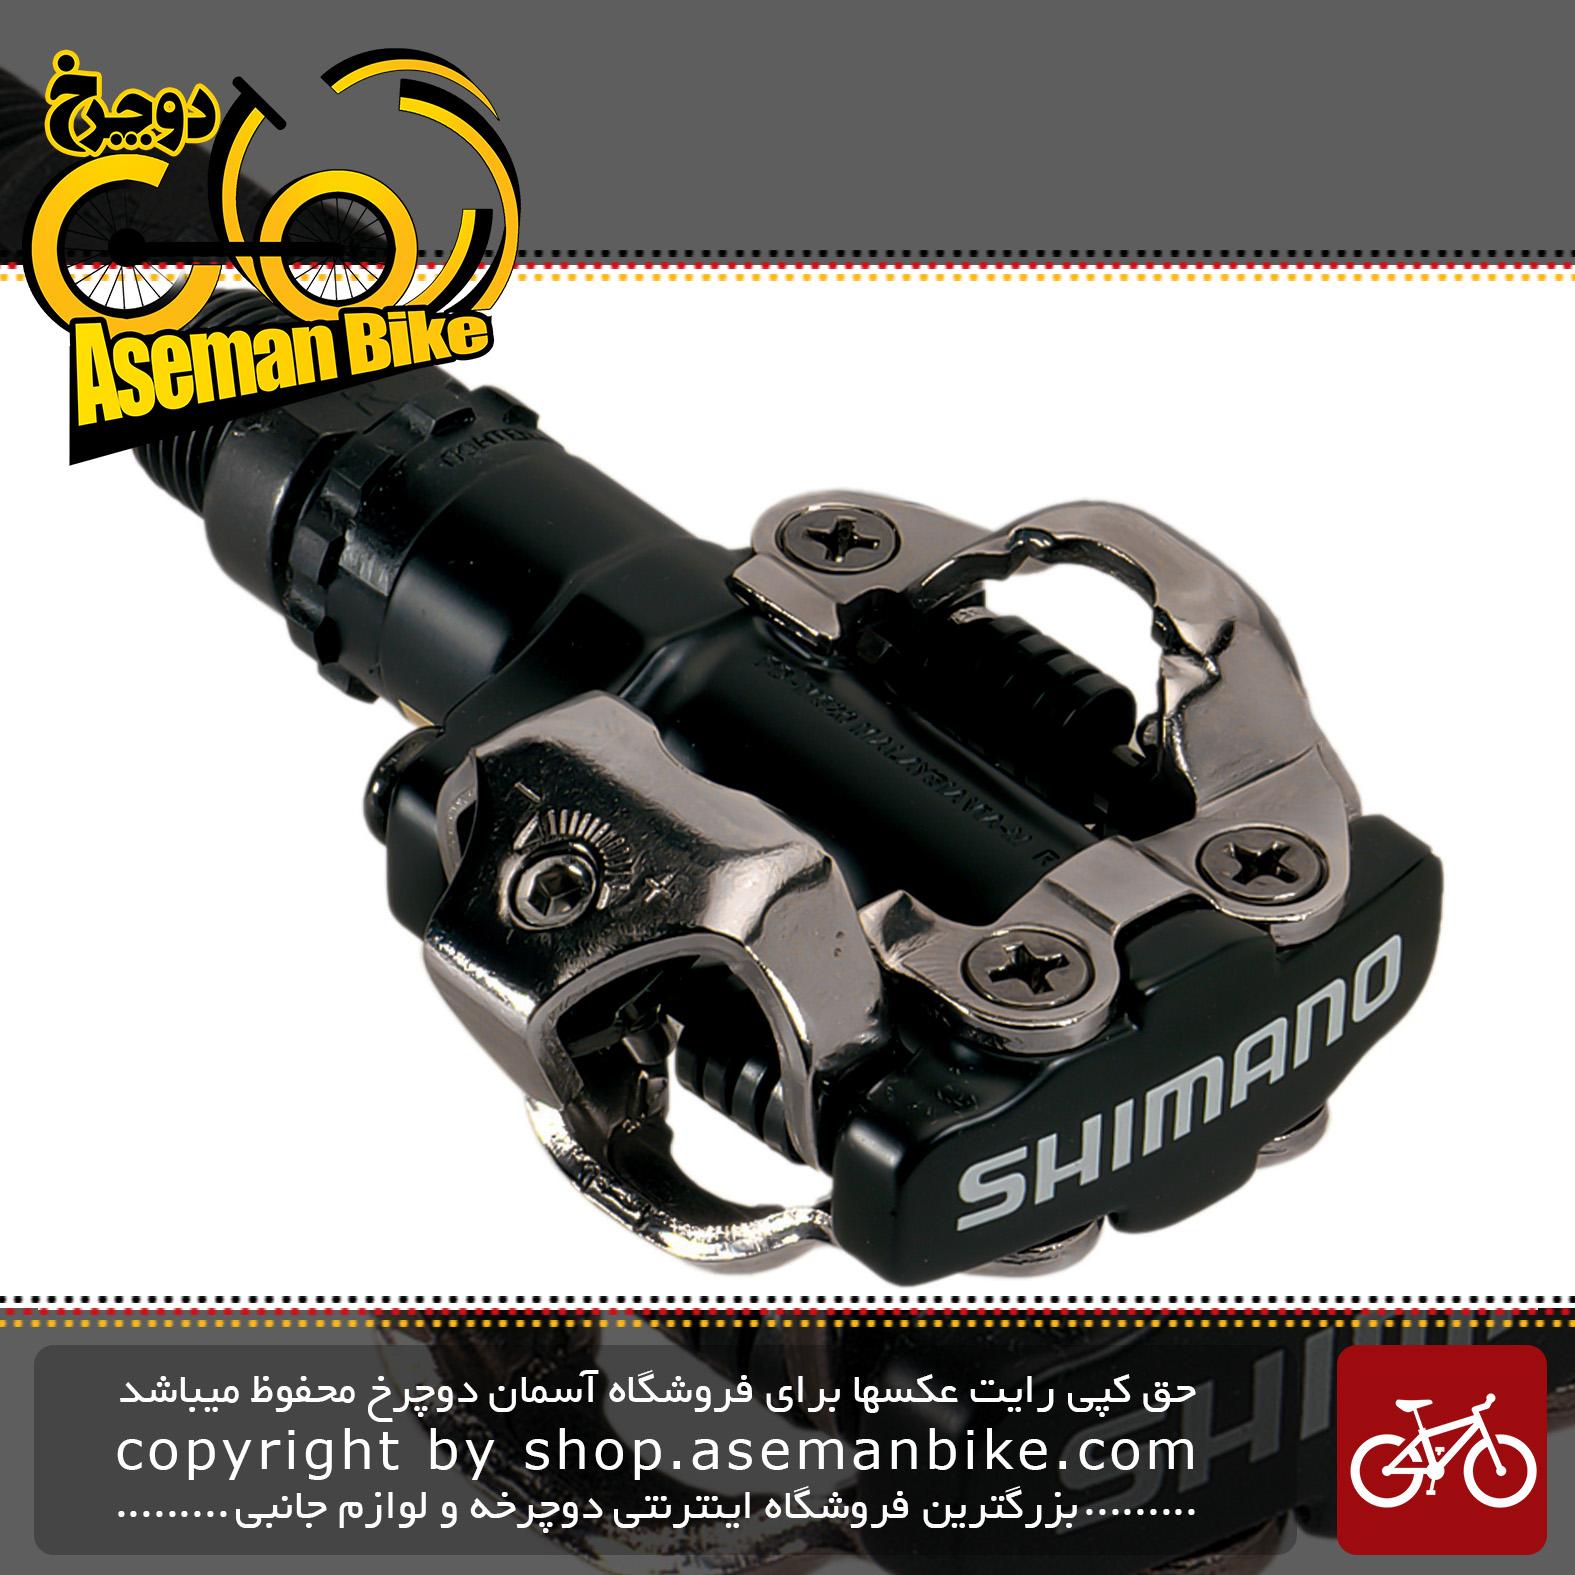 پدال دوچرخه کوهستان شیمانو لاک قفلی Shimano Pedal PD-M520